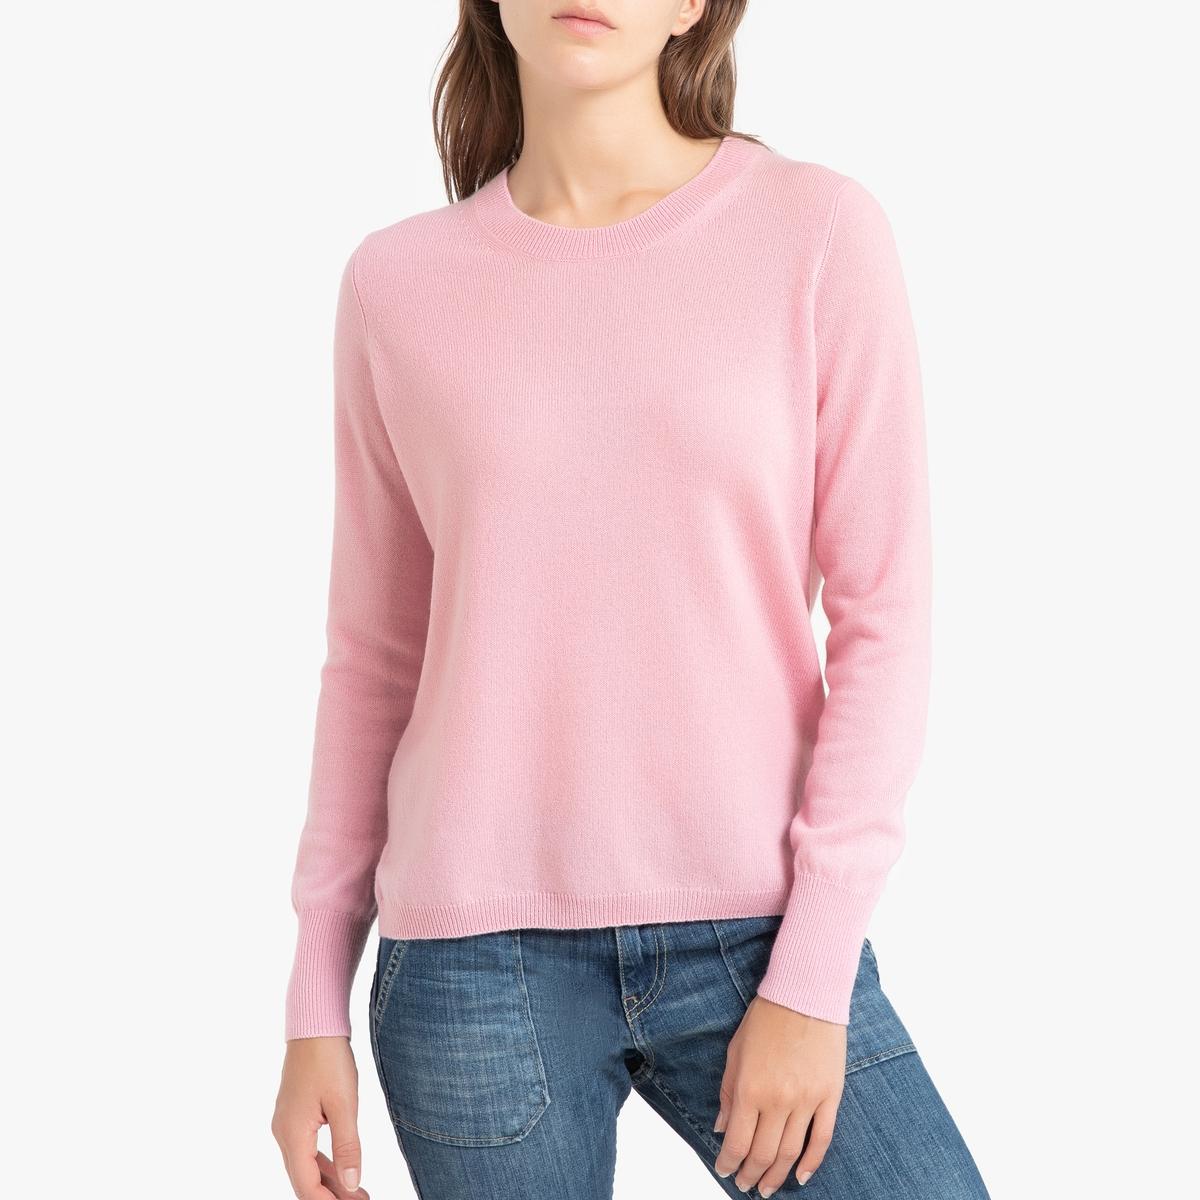 Пуловер La Redoute Кашемировый с круглым вырезом из тонкого трикотажа ROSE 1(S) розовый пуловер с круглым вырезом 3 12 лет